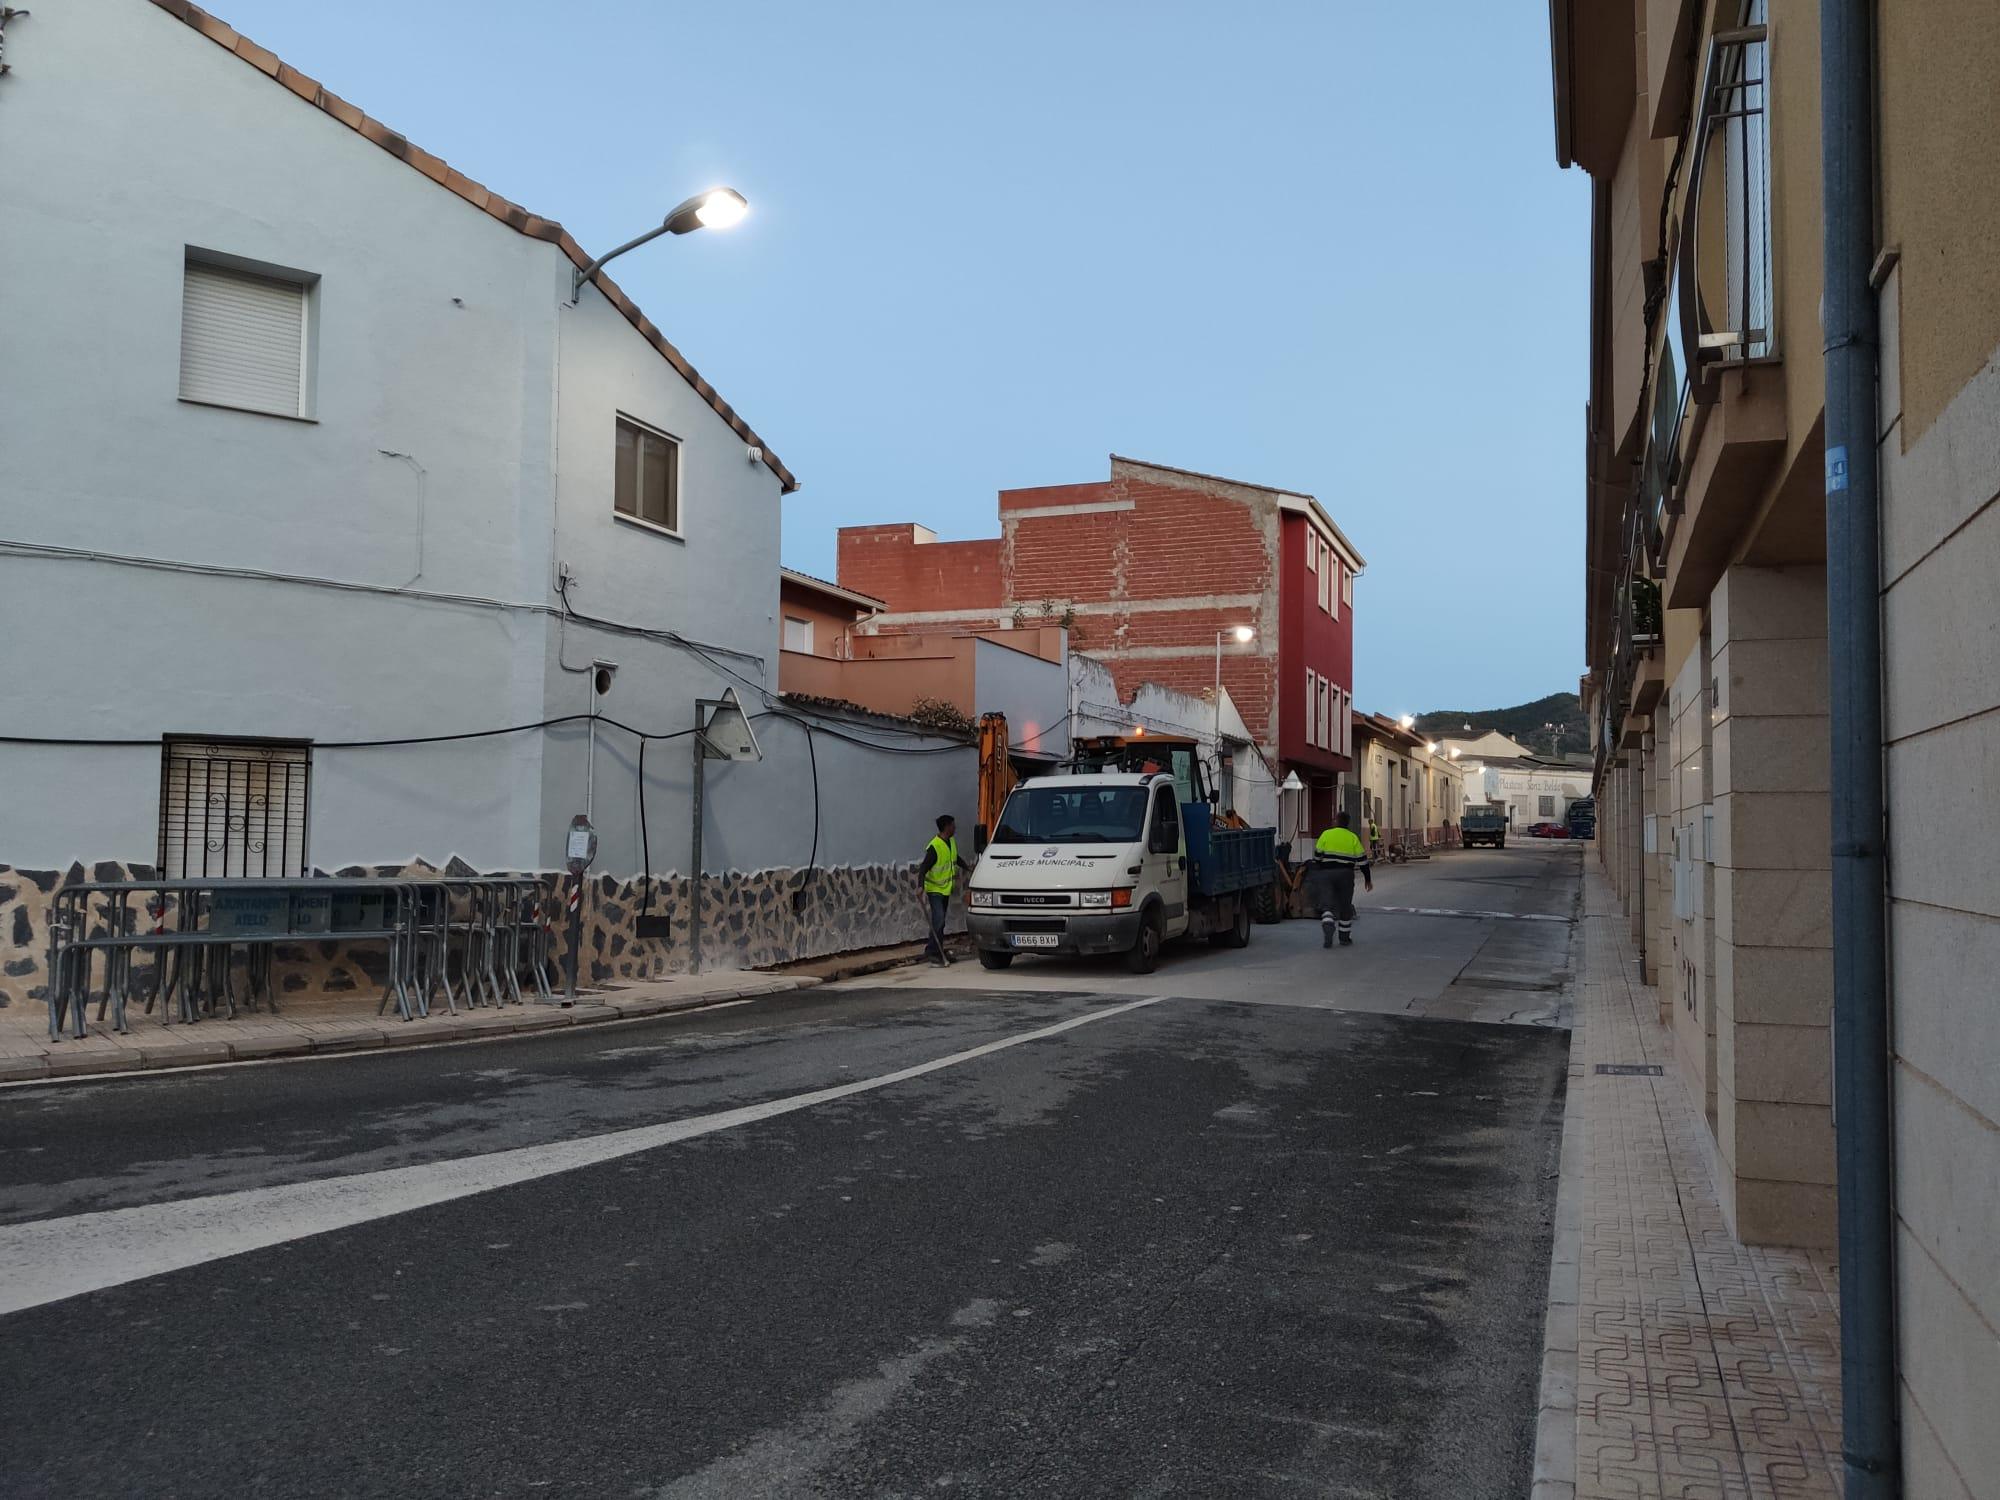 Comencen les obres de renovació de les voreres i la xarxa d'aigua potable al Carrer Fontanars